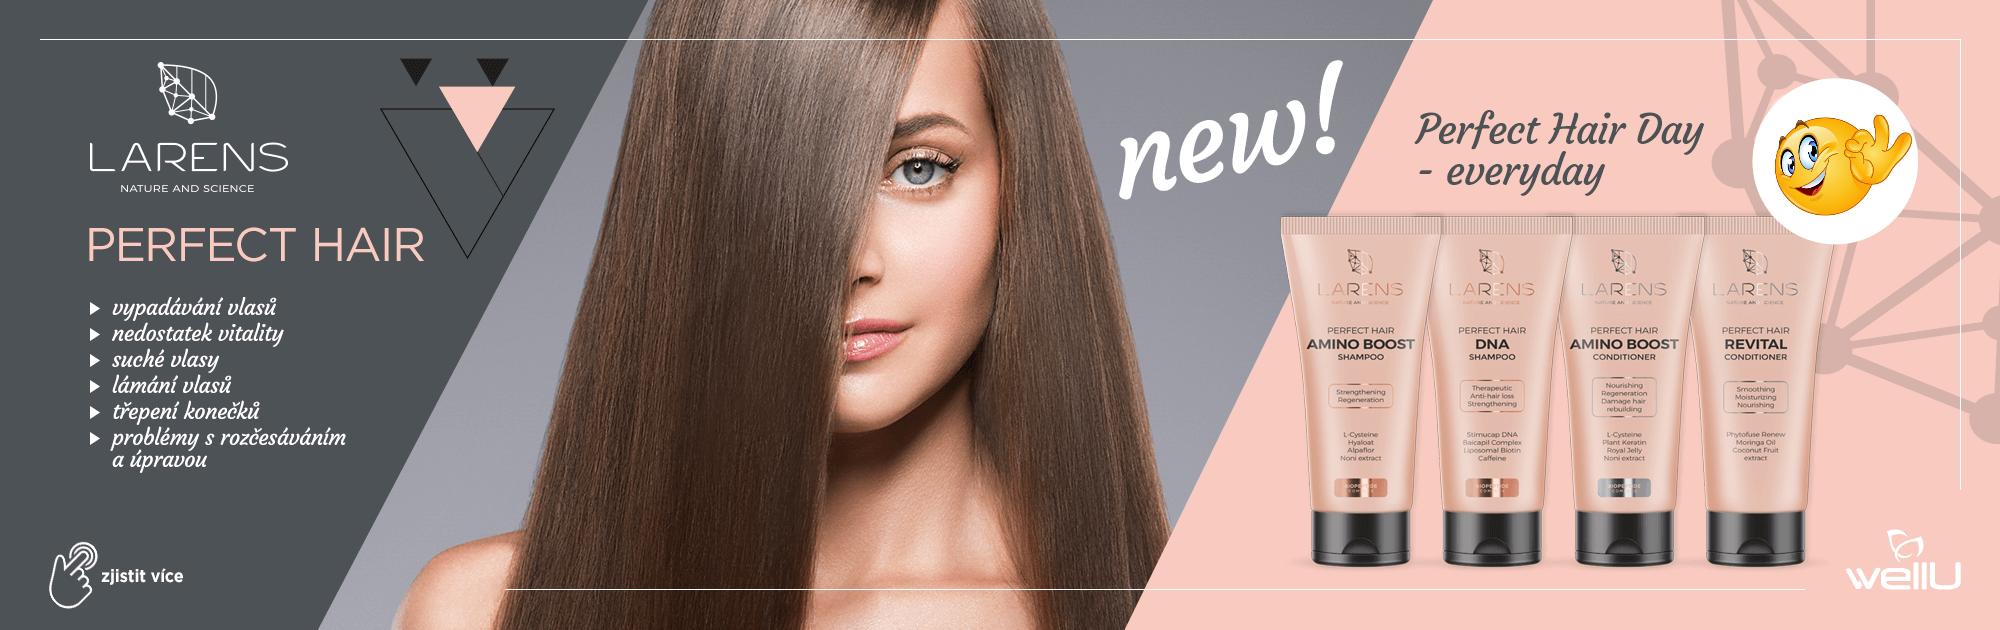 Už jste vyzkoušeli péči o vlasy řady Larens Perfect Hair?